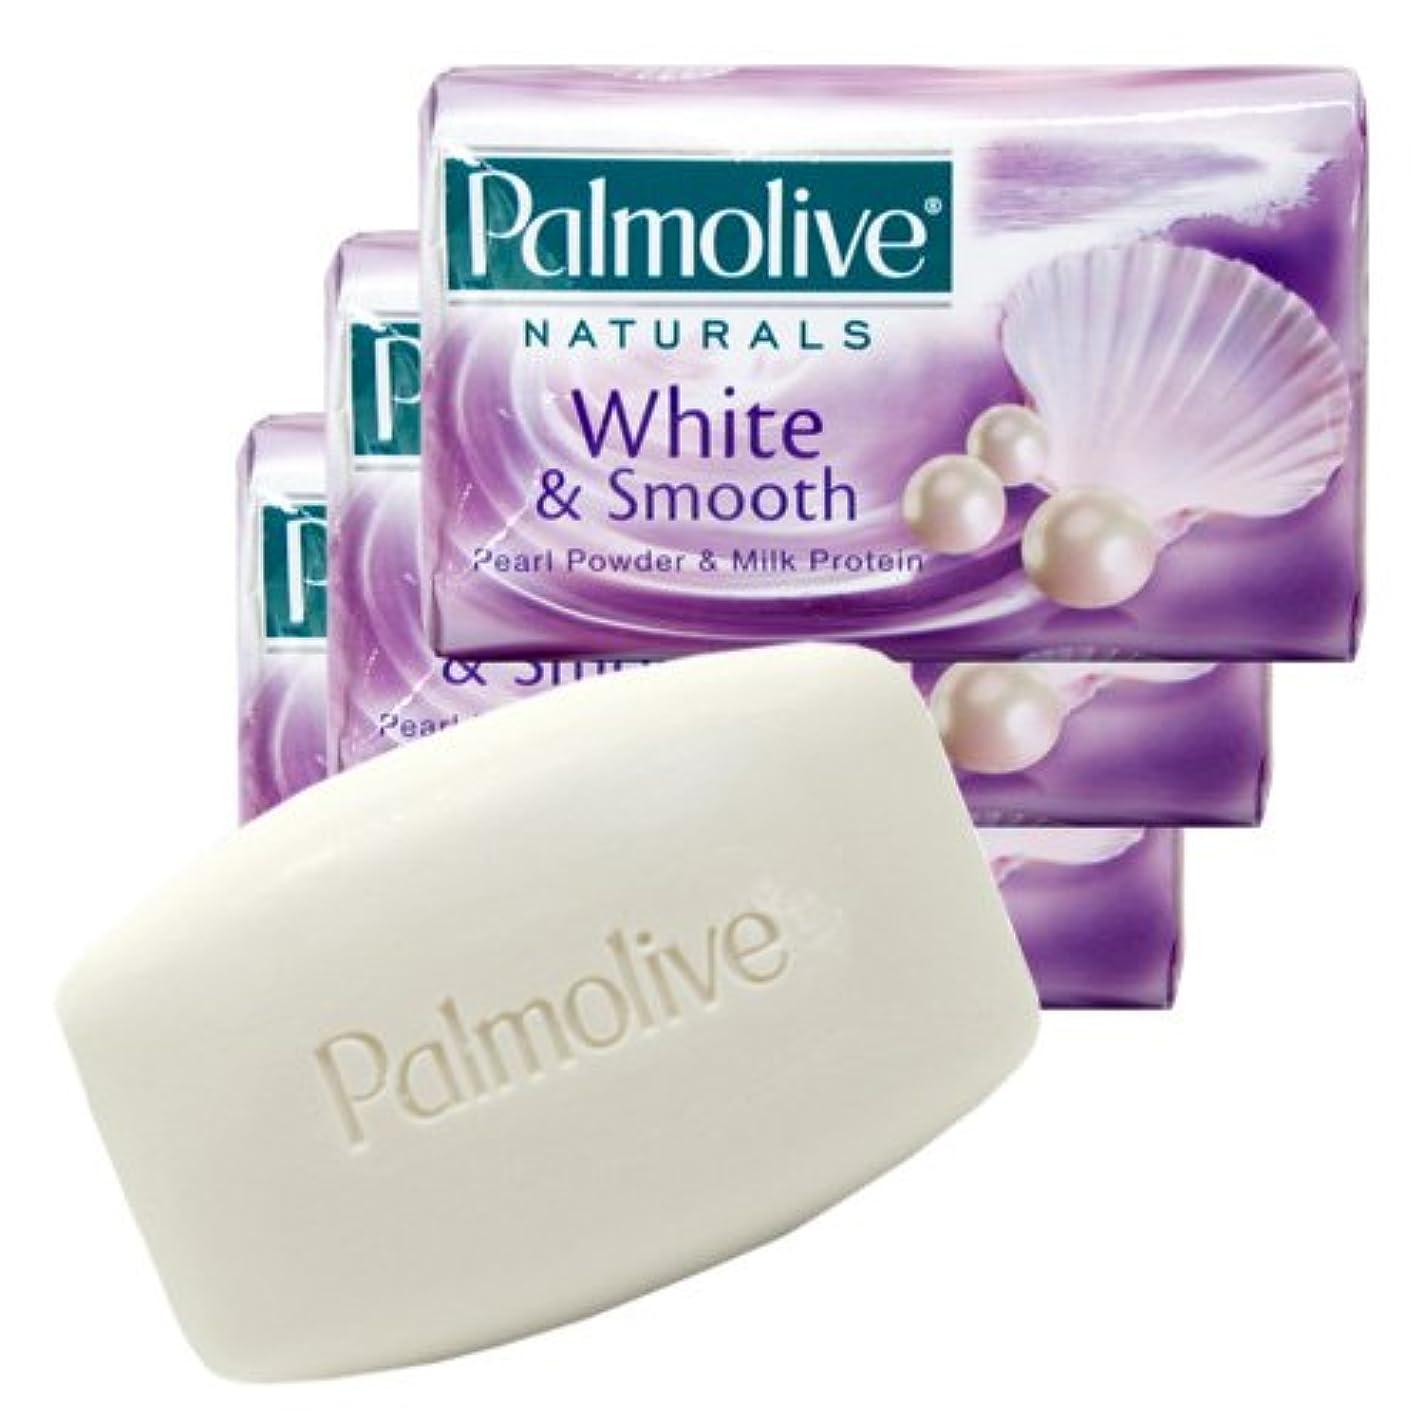 句誘導直径【Palmolive】パルモリーブ ナチュラルズ石鹸3個パック ホワイト&スムース(パールパウダー&ミルクプロテイン)80g×3